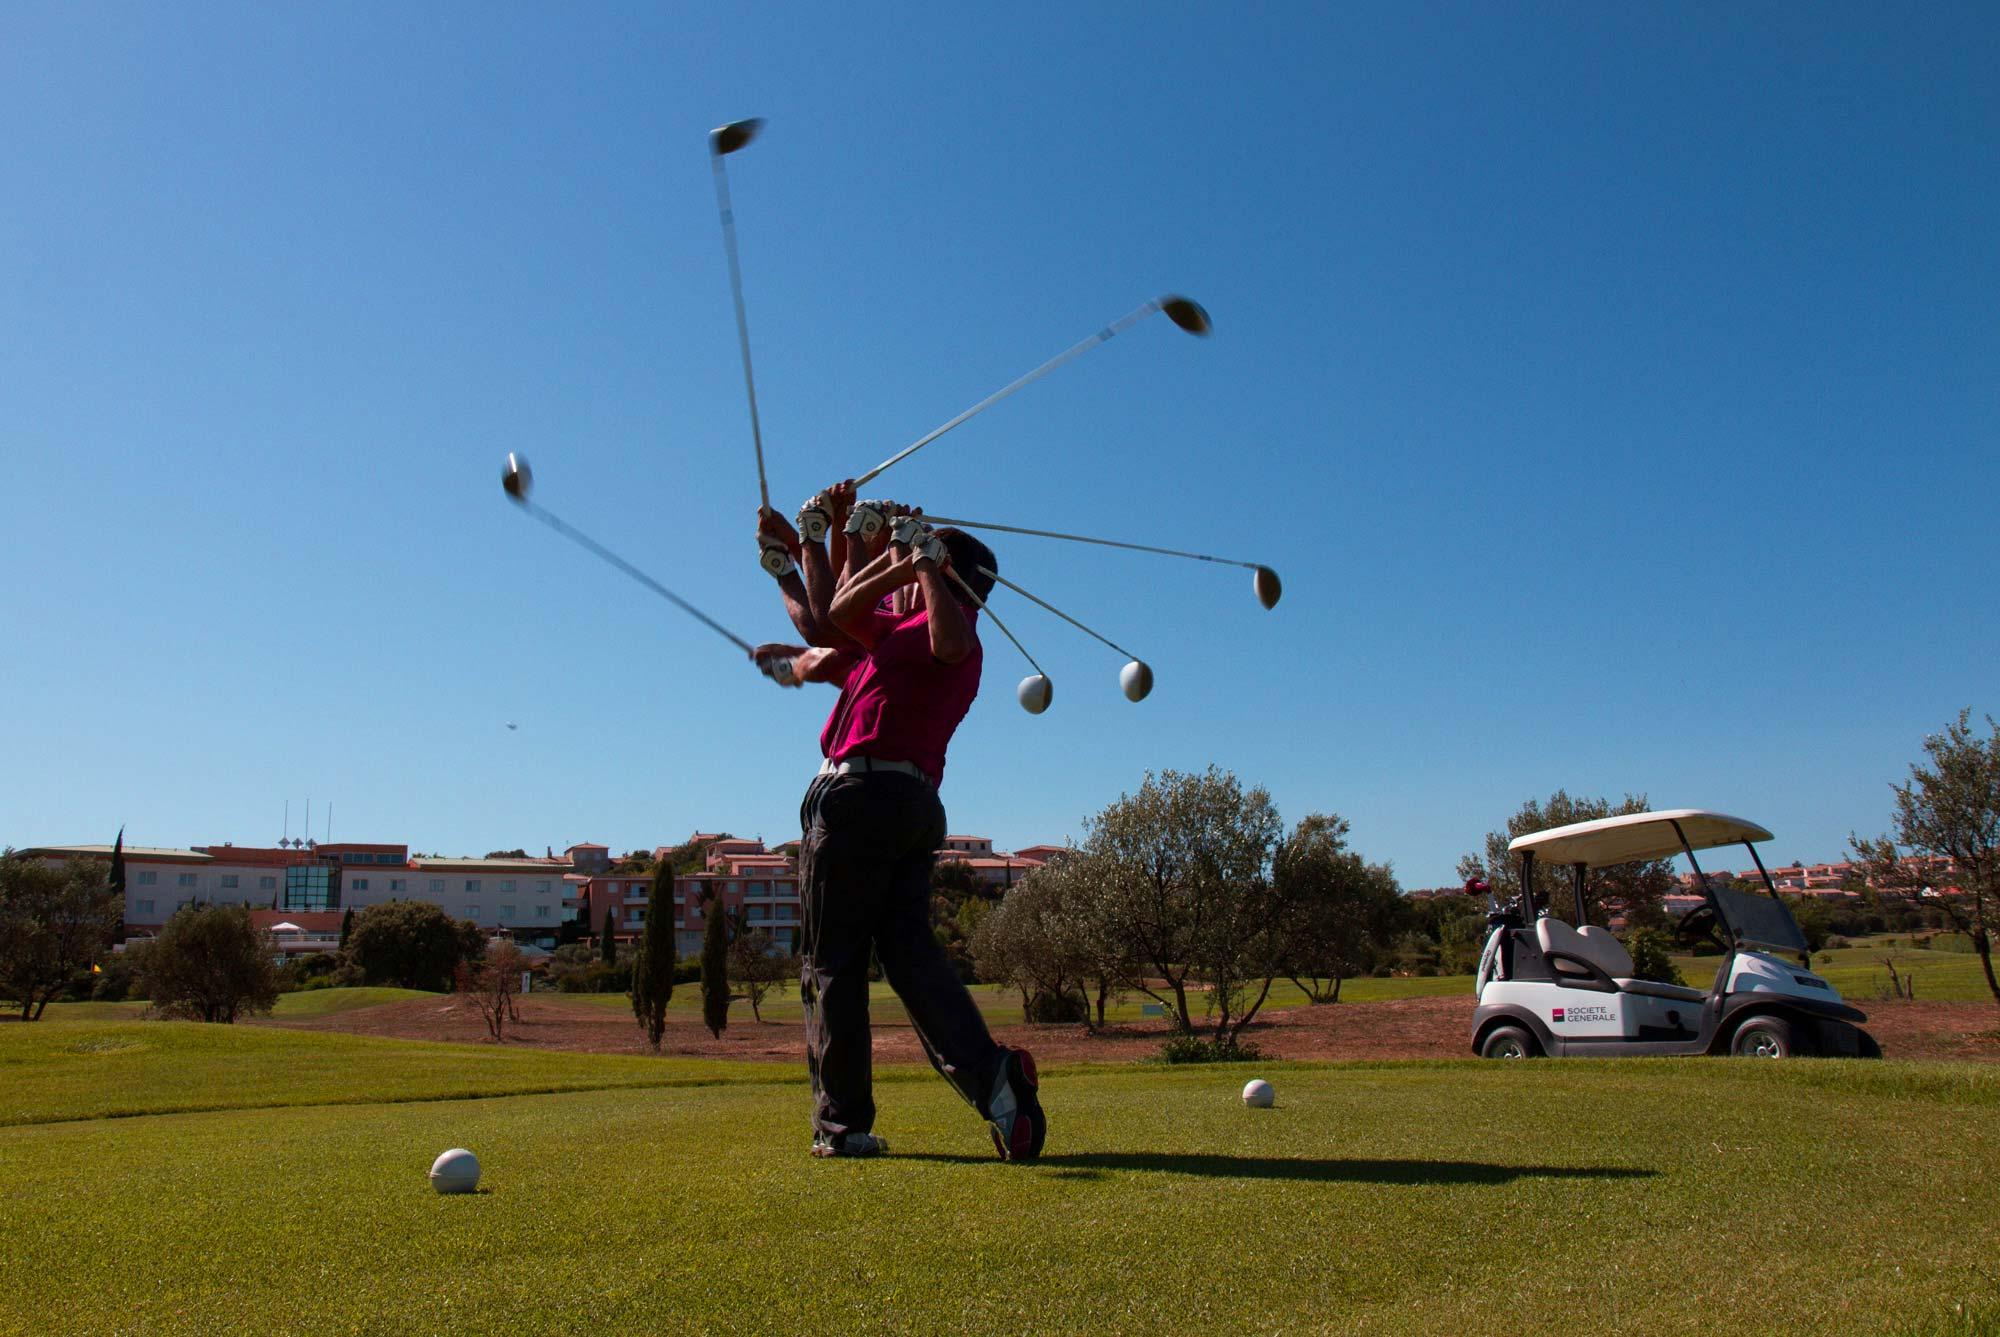 Un homme pris au ralenti en train de frapper avec club sur une balle de golf